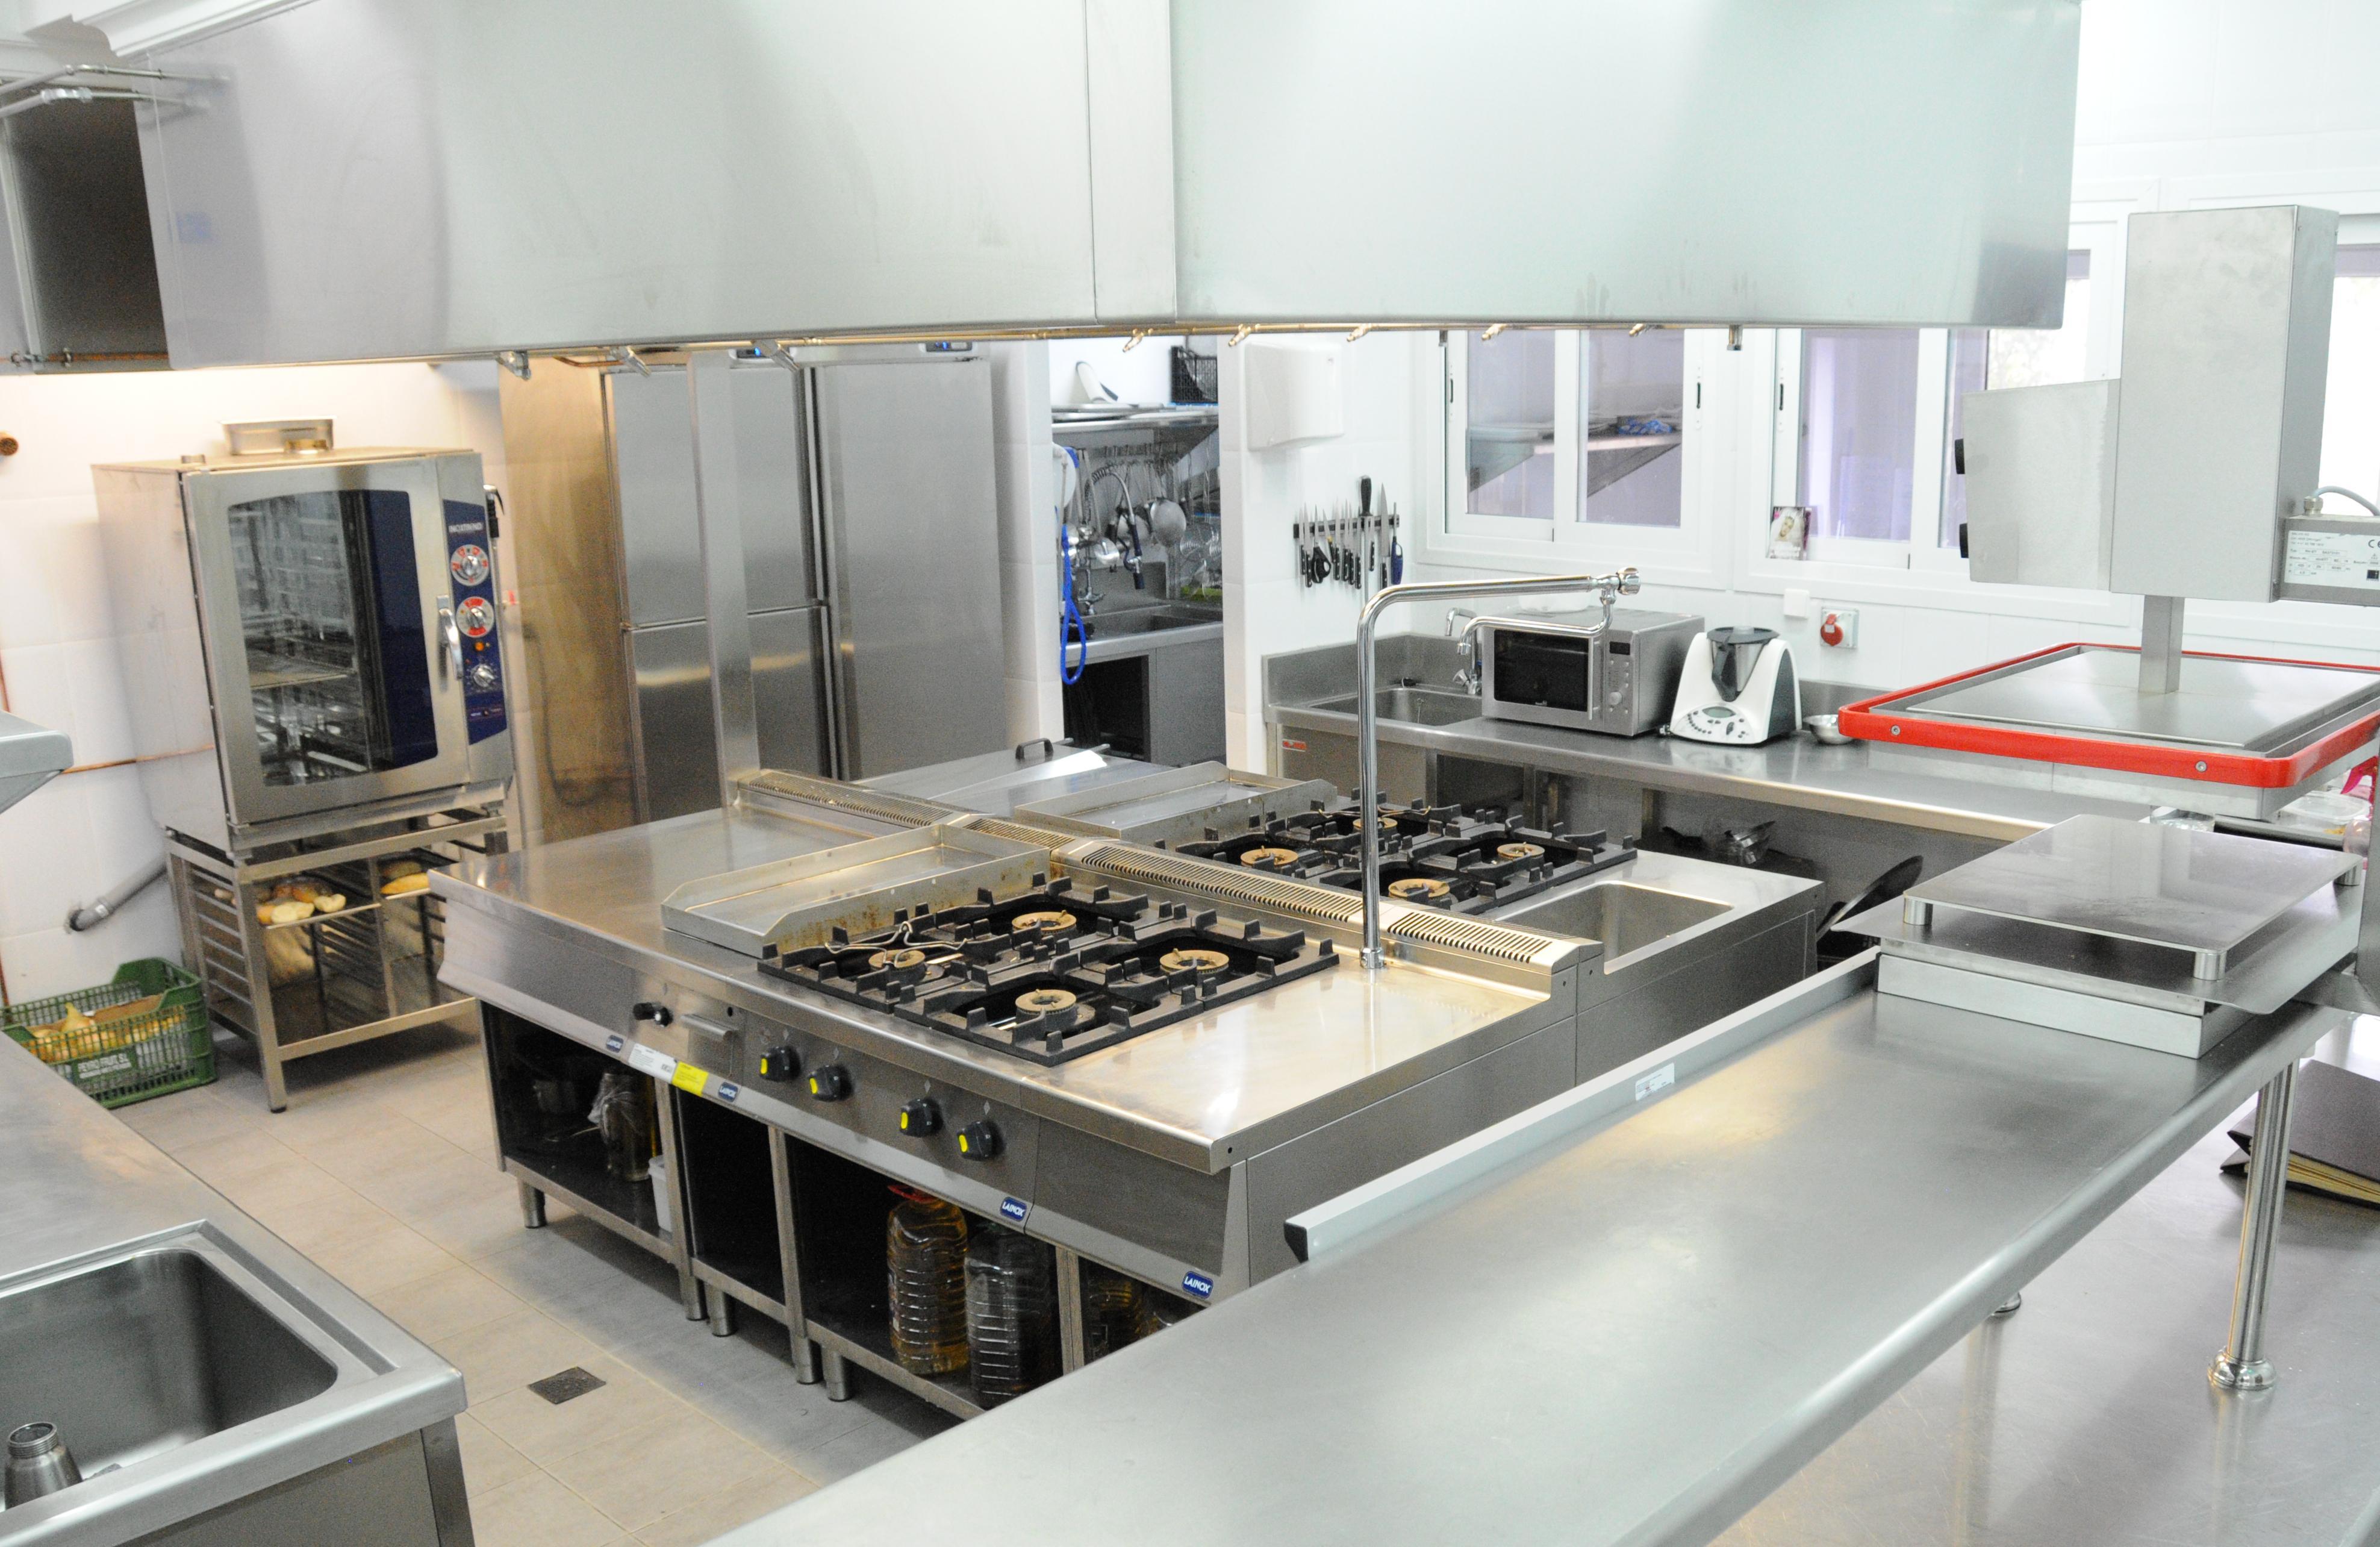 Neointegra limpieza de campanas legionella extraccion - Cuarto frio cocina ...